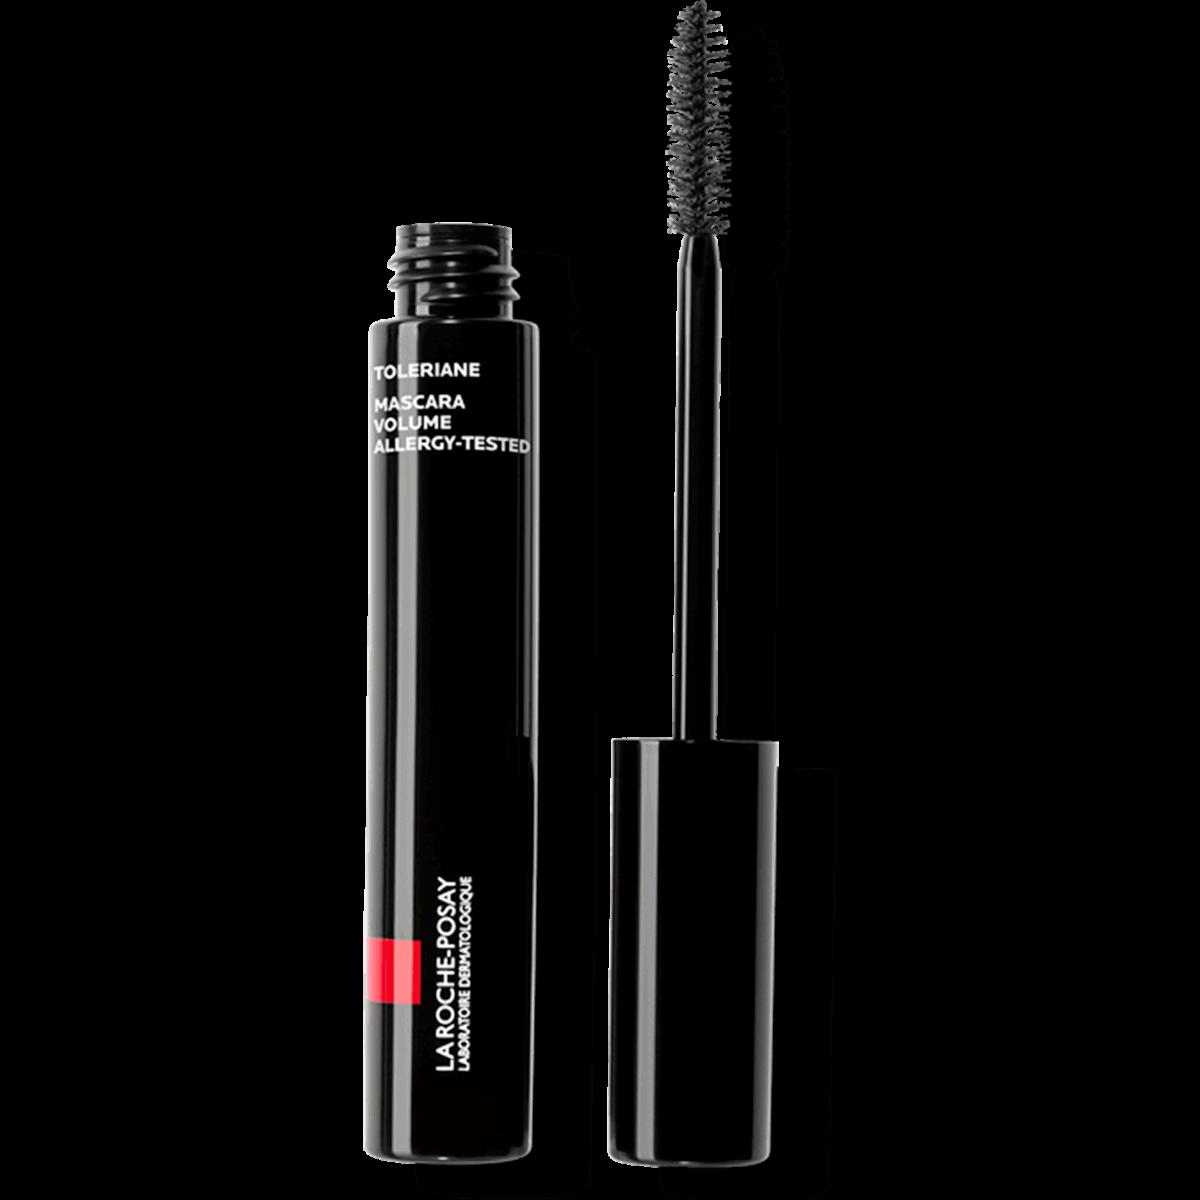 La Roche Posay Citlivá Toleriane Make-up ŘASENKA PRO OBJEM Black 333787